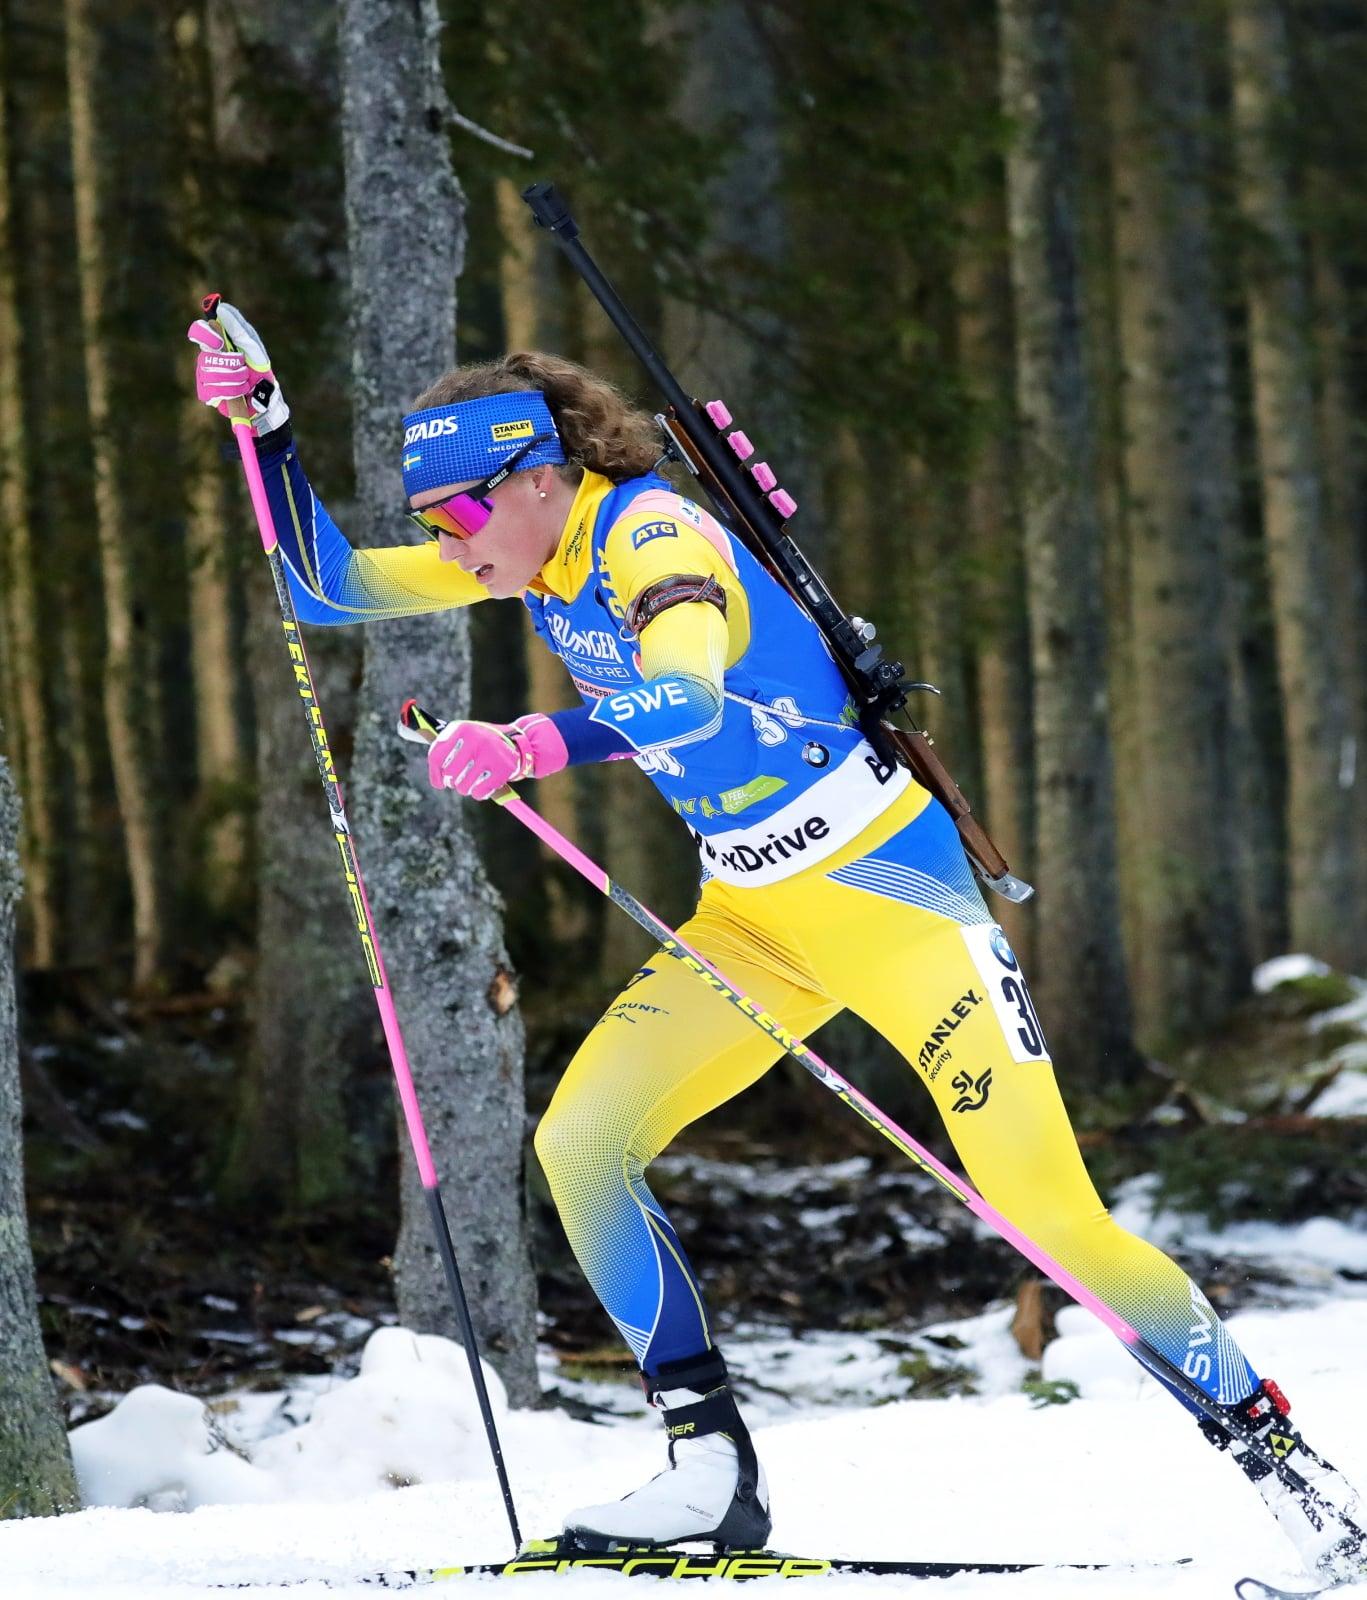 W słoweńskiej Pokljuce zainaugurowano 42-gą edycję Pucharu Świata w biathlonie. Fot. PAP/EPA/ANTONIO BAT